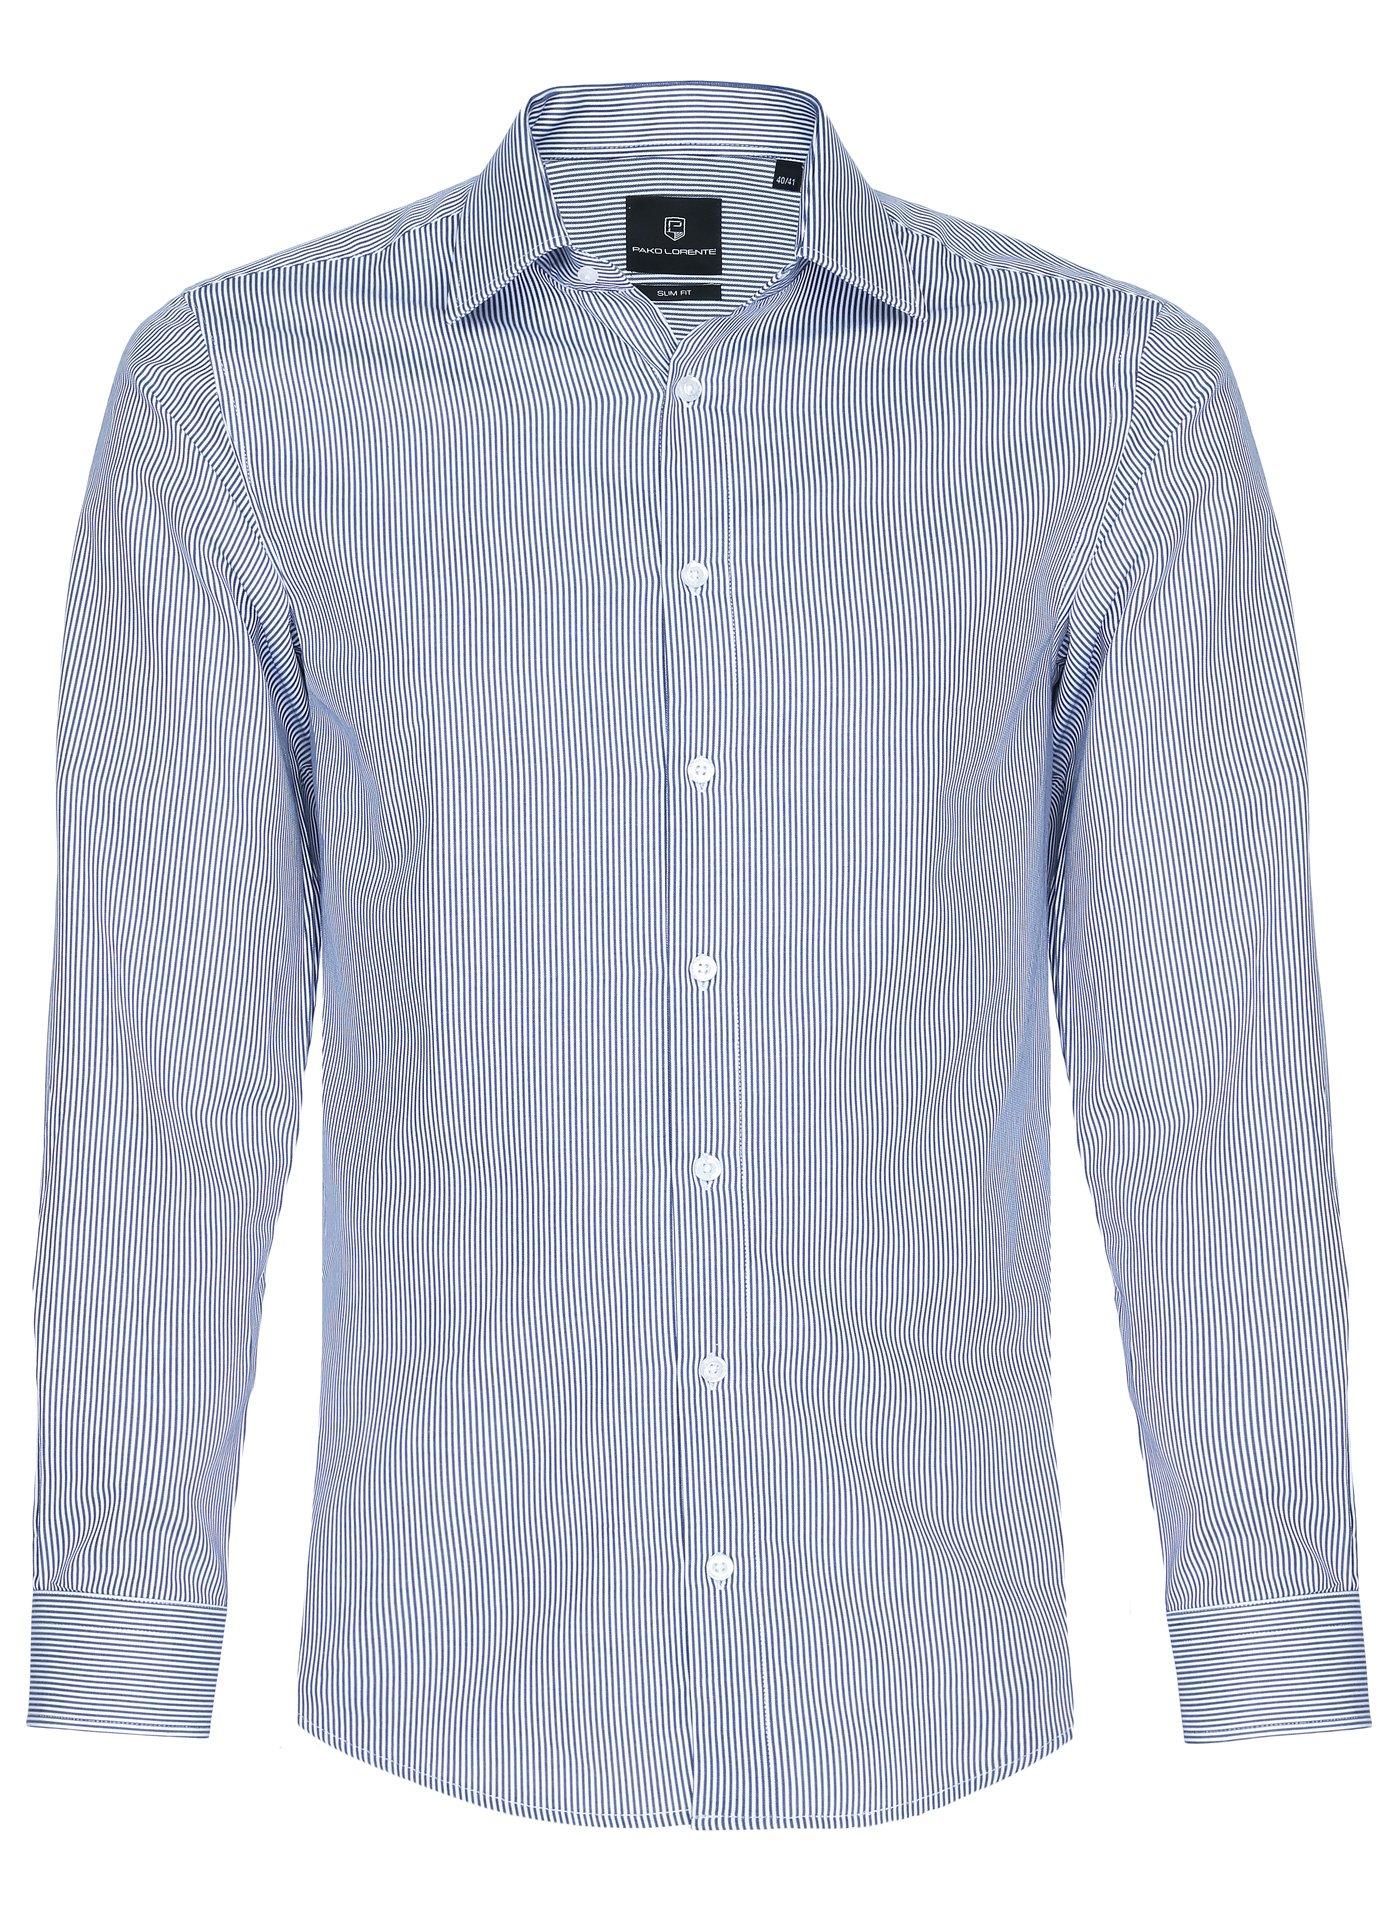 Koszula męska PLM-1X-194-N